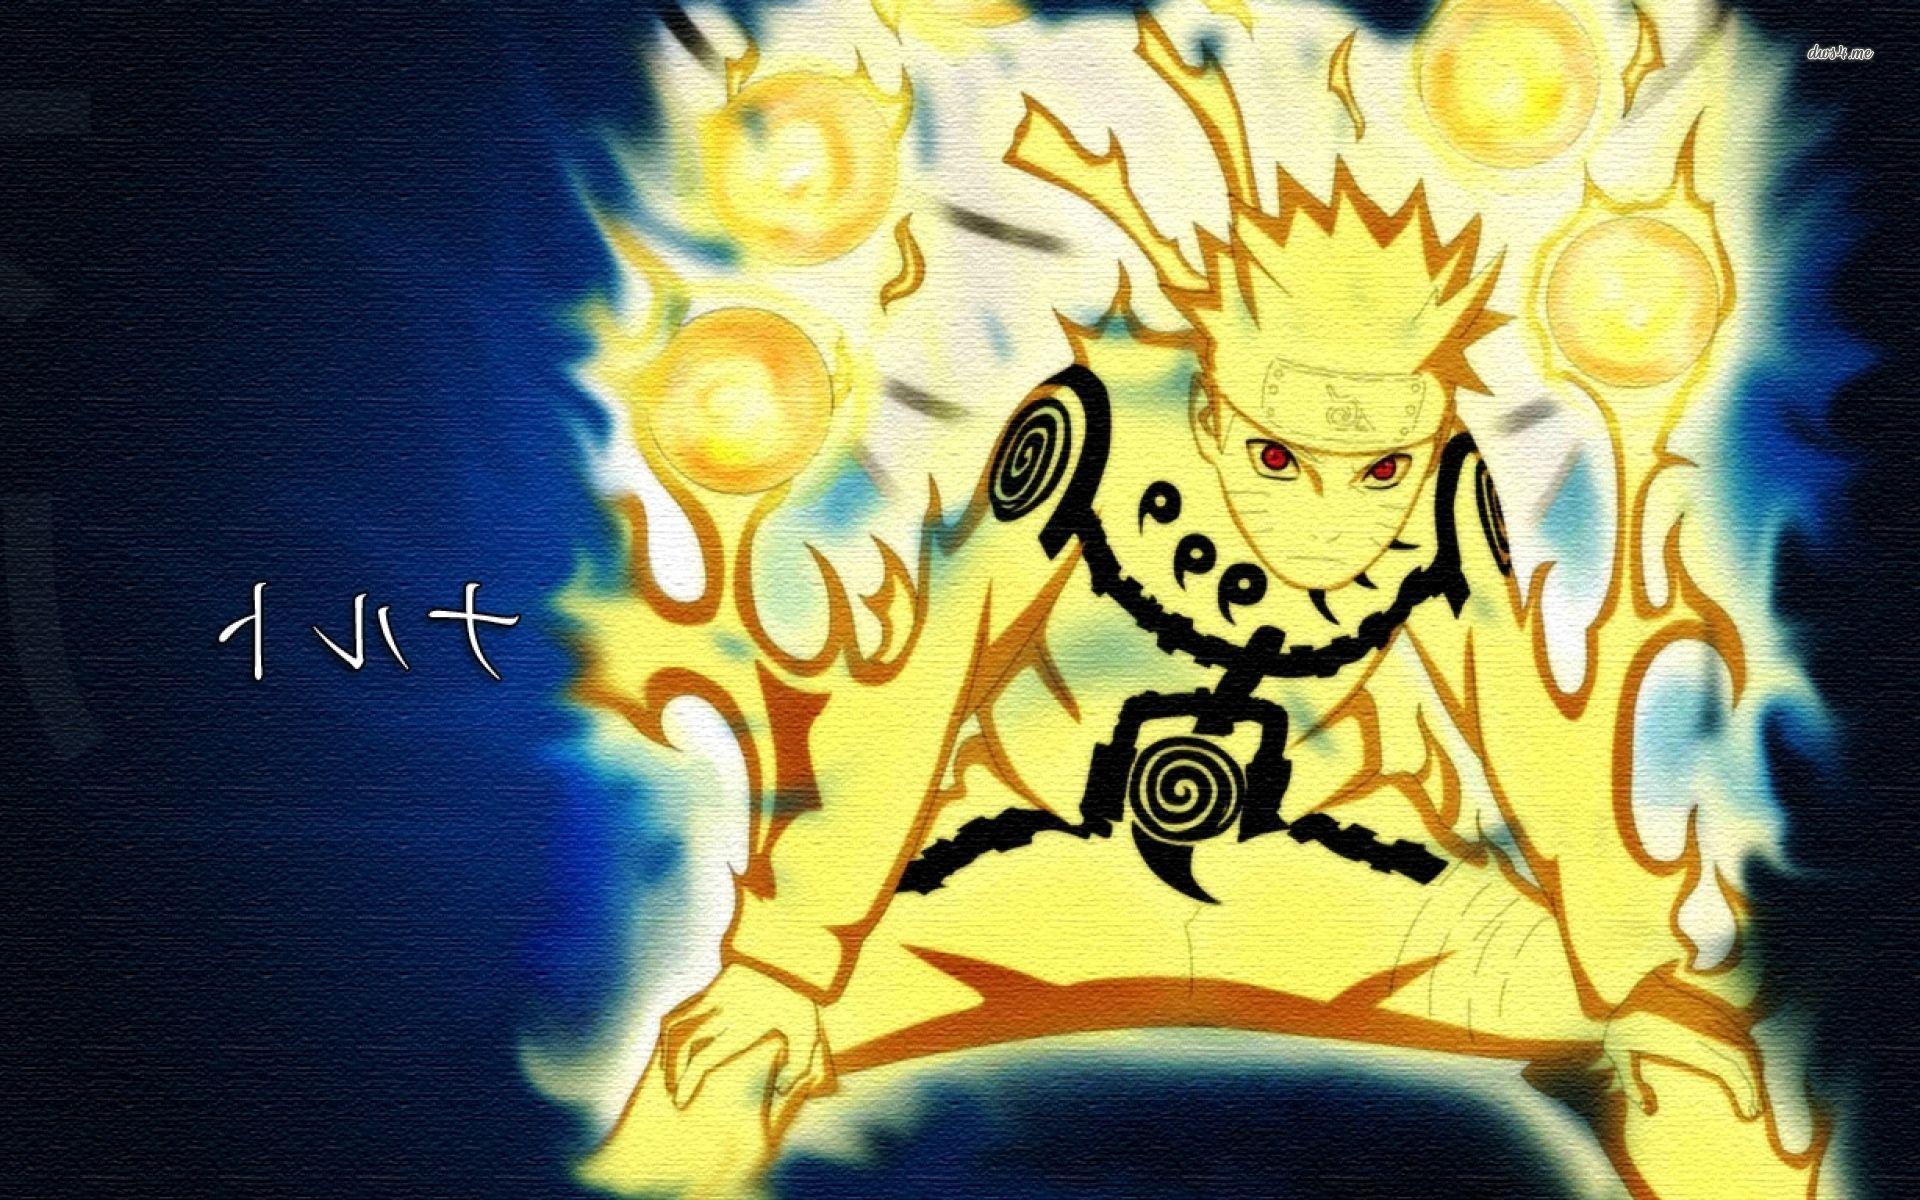 Naruto Uzumaki Wallpapers - WallpaperSafari